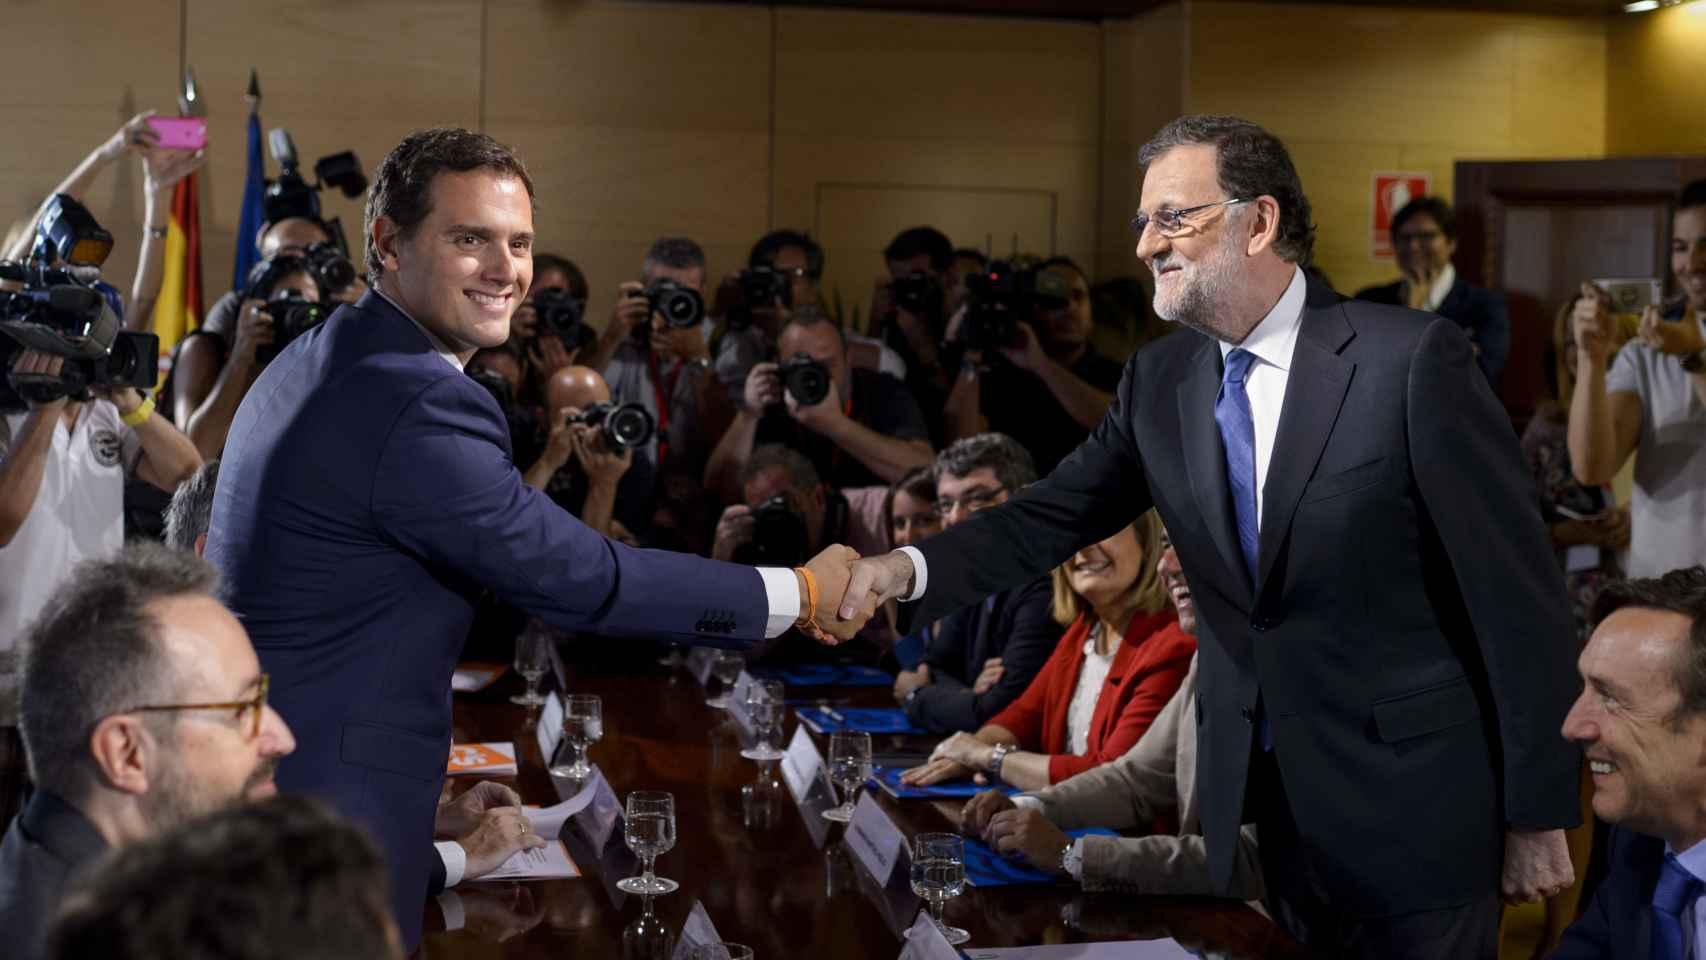 Rivera y Rajoy sellan su acuerdo en el Congreso.